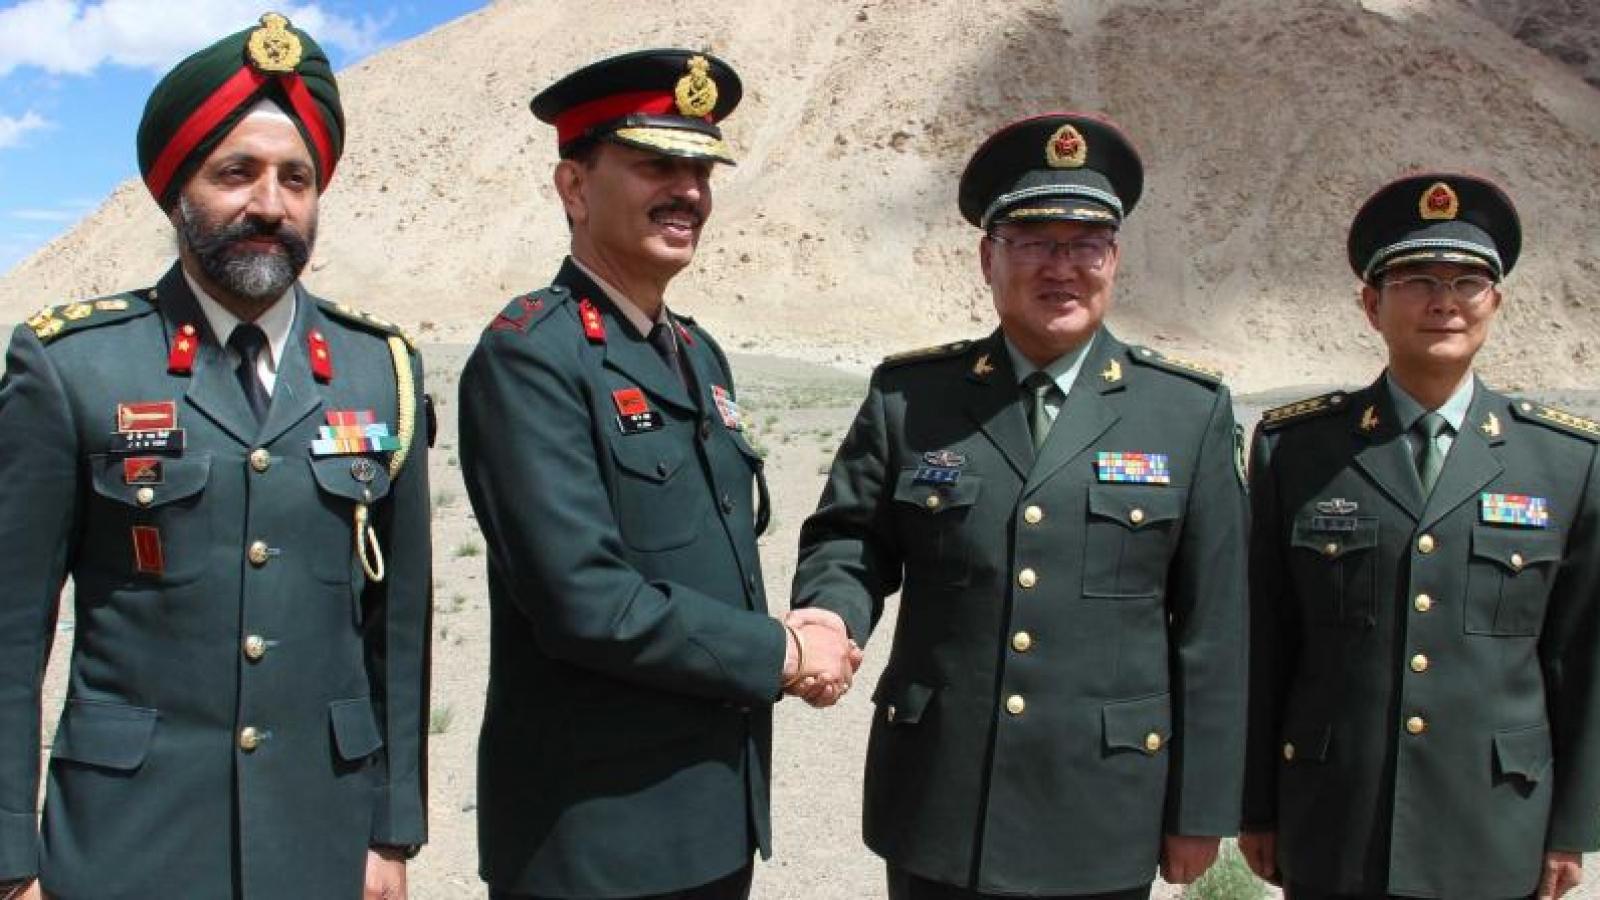 Ấn Độ và Trung Quốc hủy cuộc gặp quốc phòng tại biên giới vì Covid-19